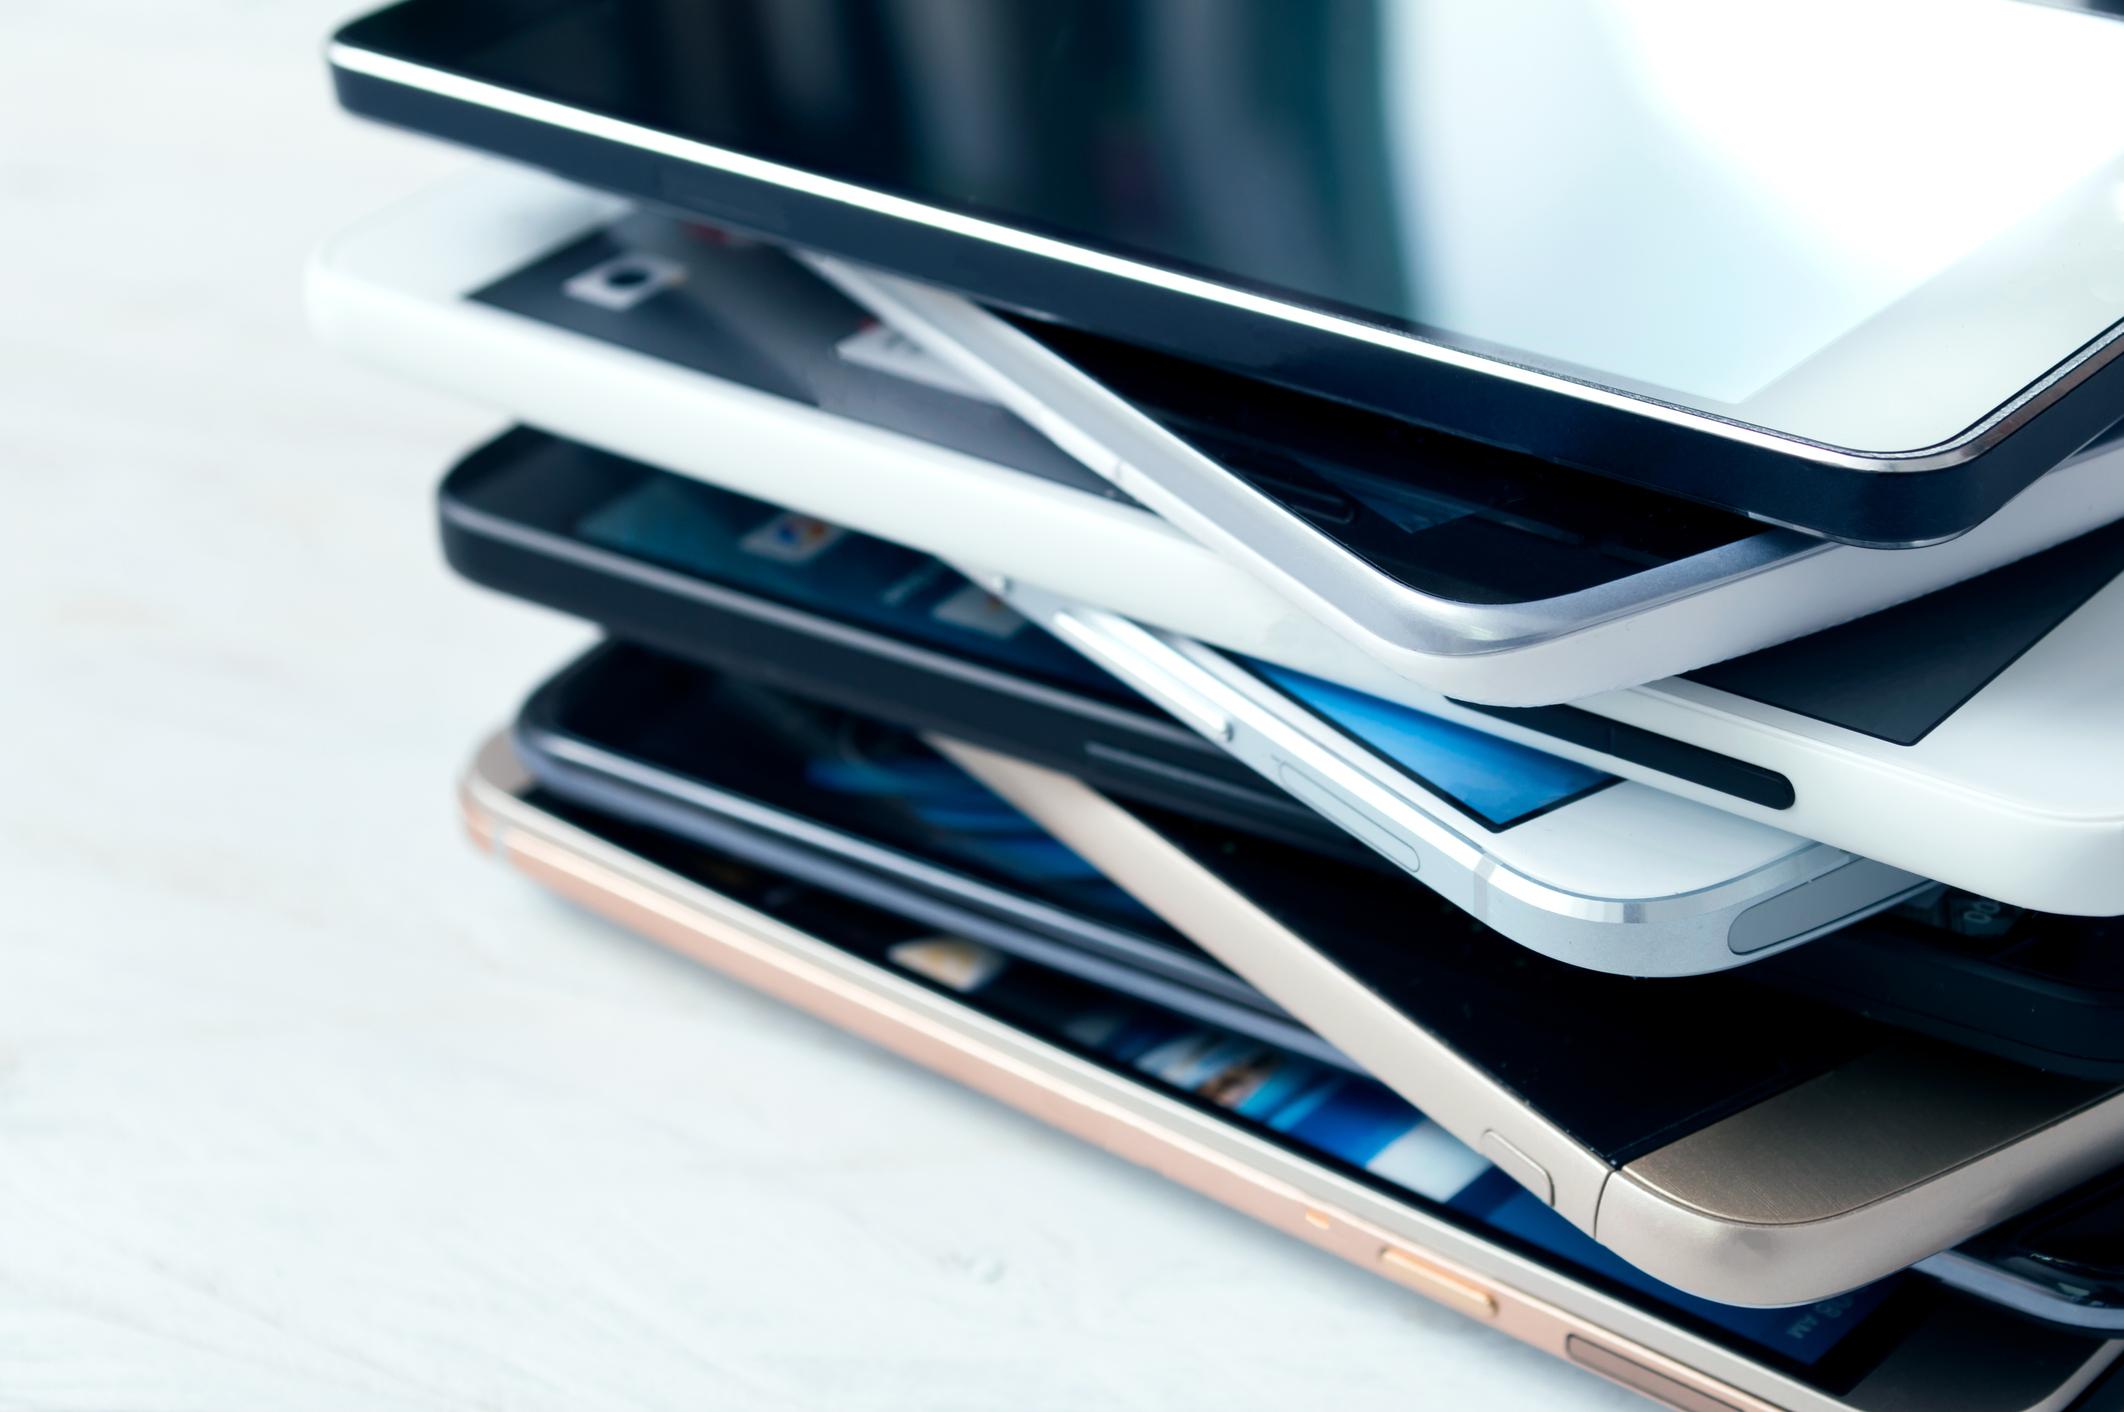 Smartphone smartphones Google Pixel 3a